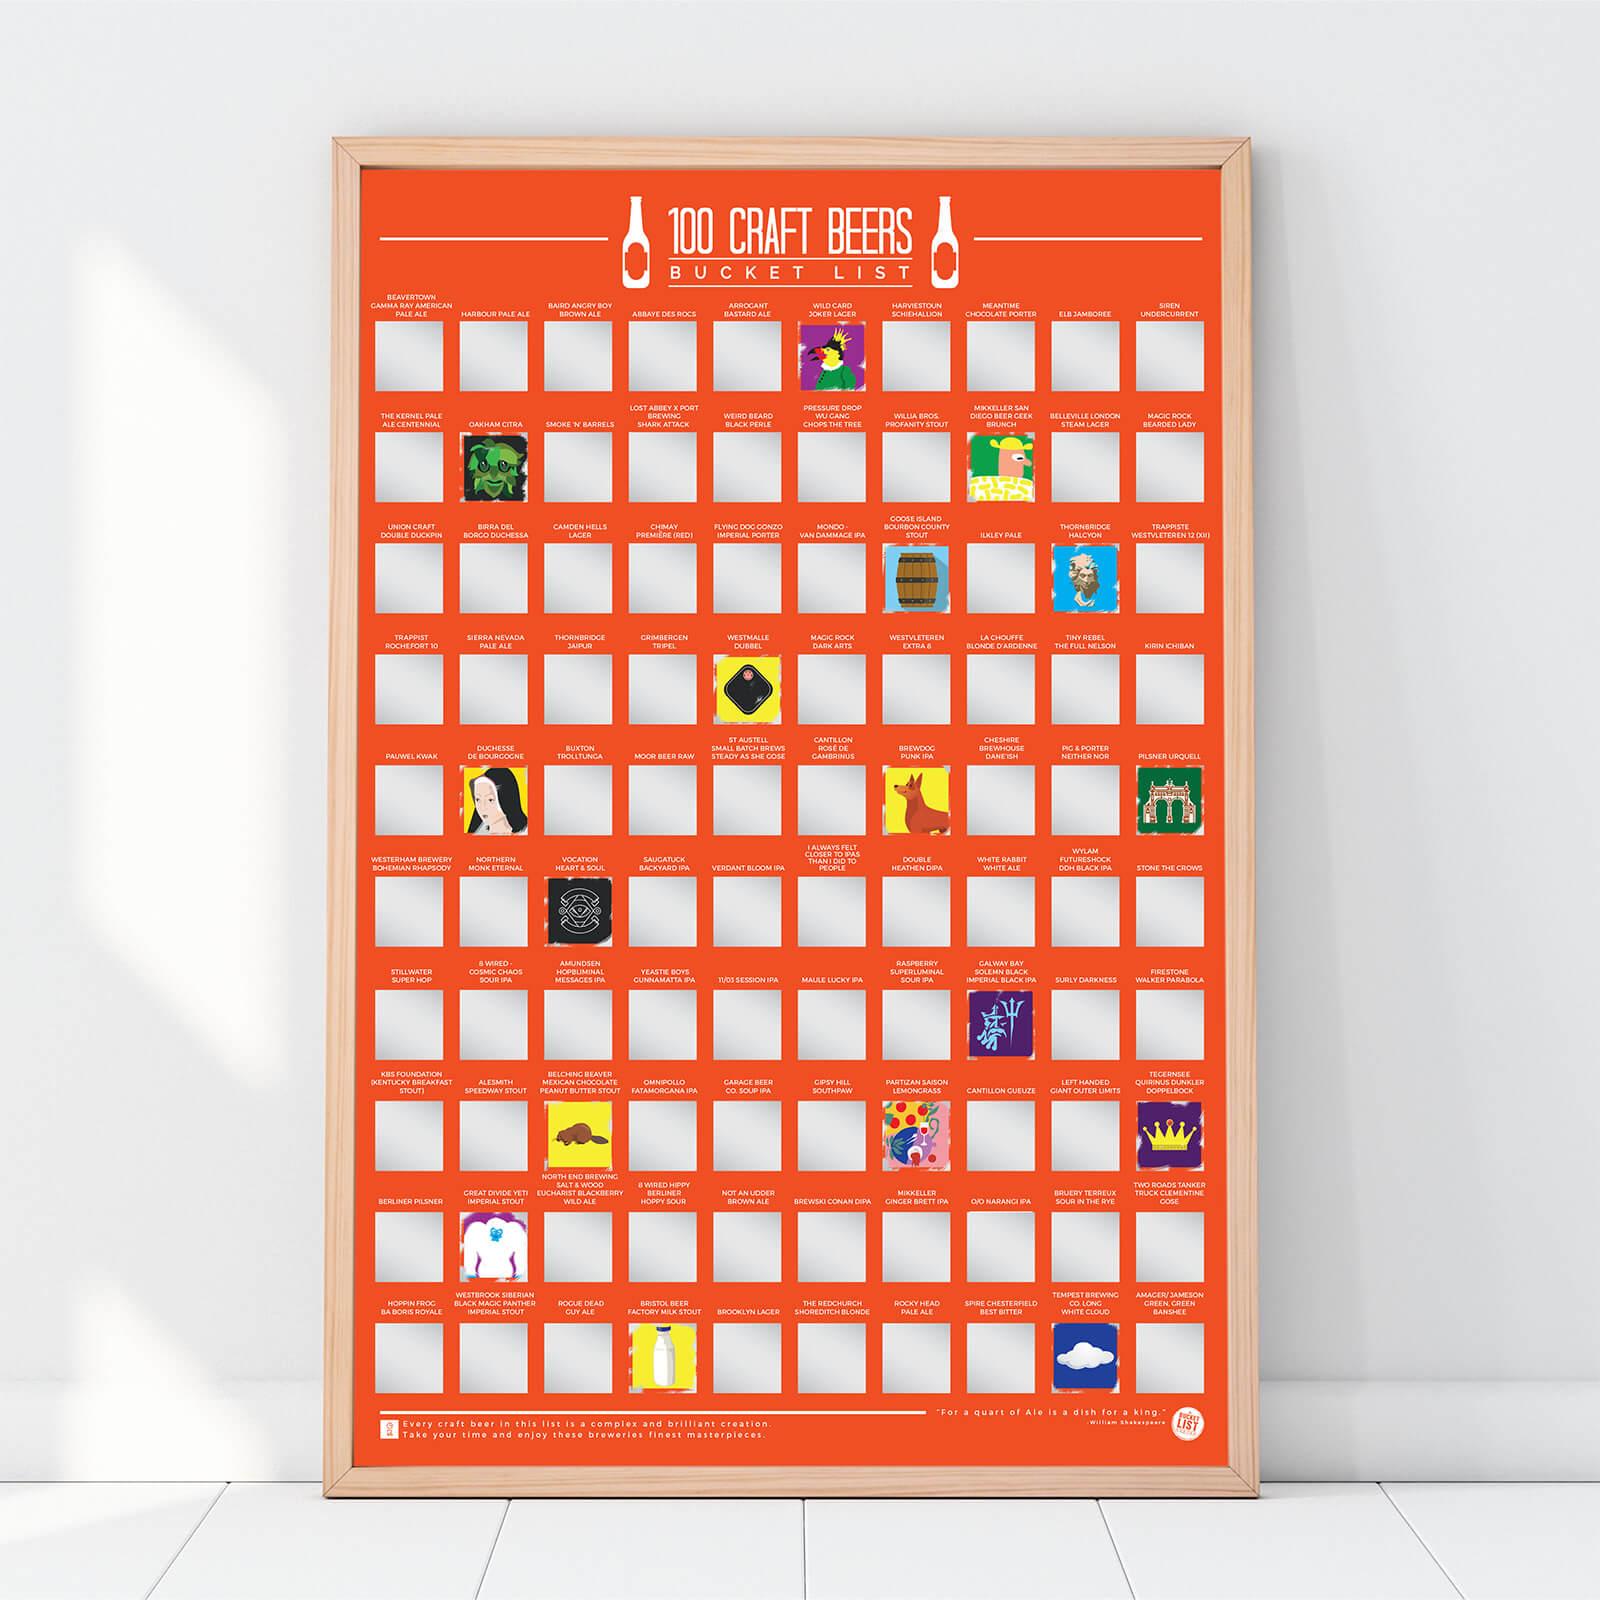 Image of 100 Craft Beer Bucket List Poster